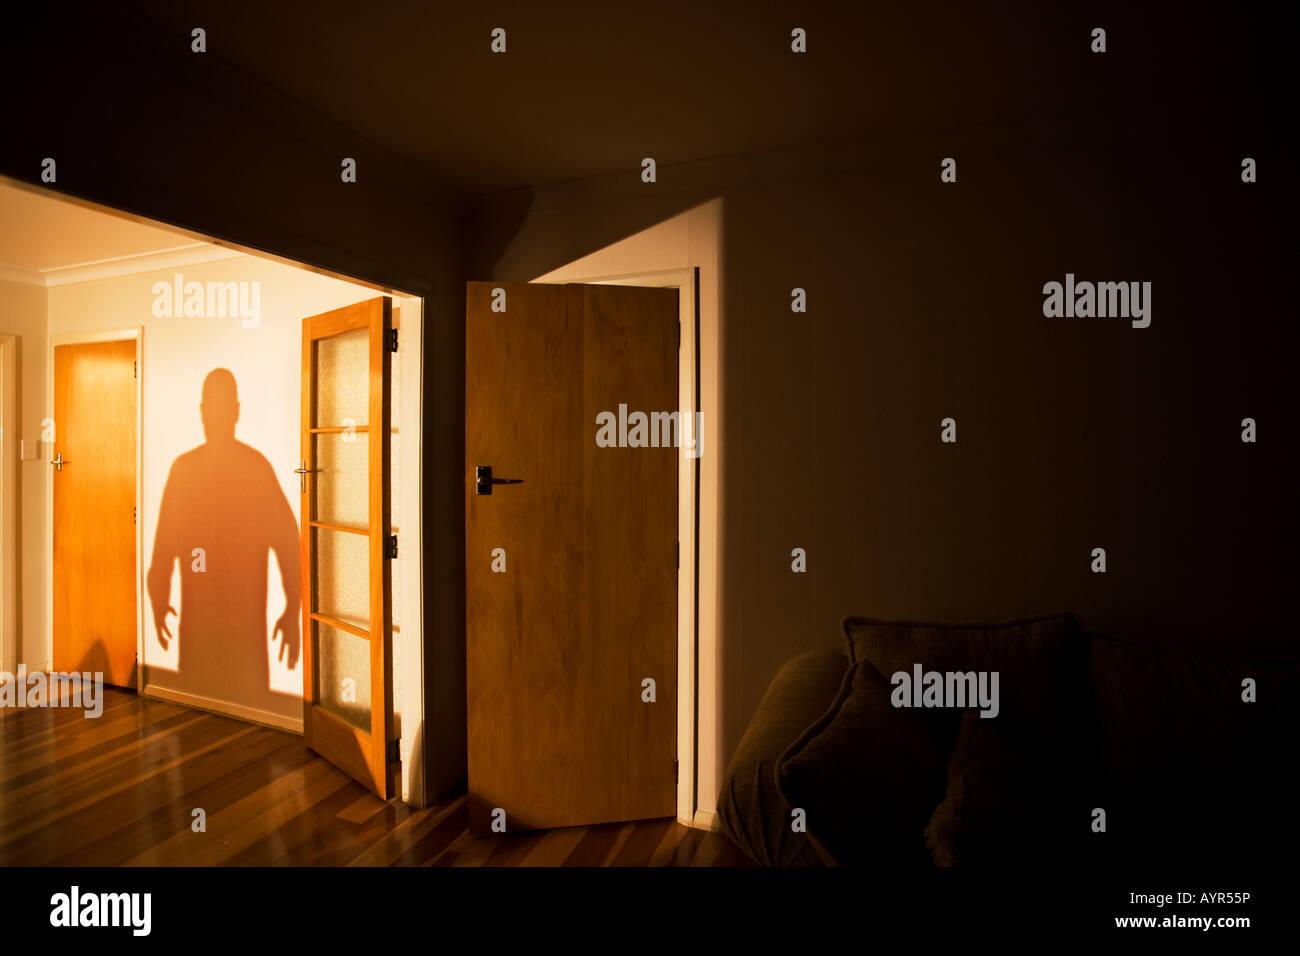 Schatten des Mannes an Wand neben abgedunkelten Raum Stockbild